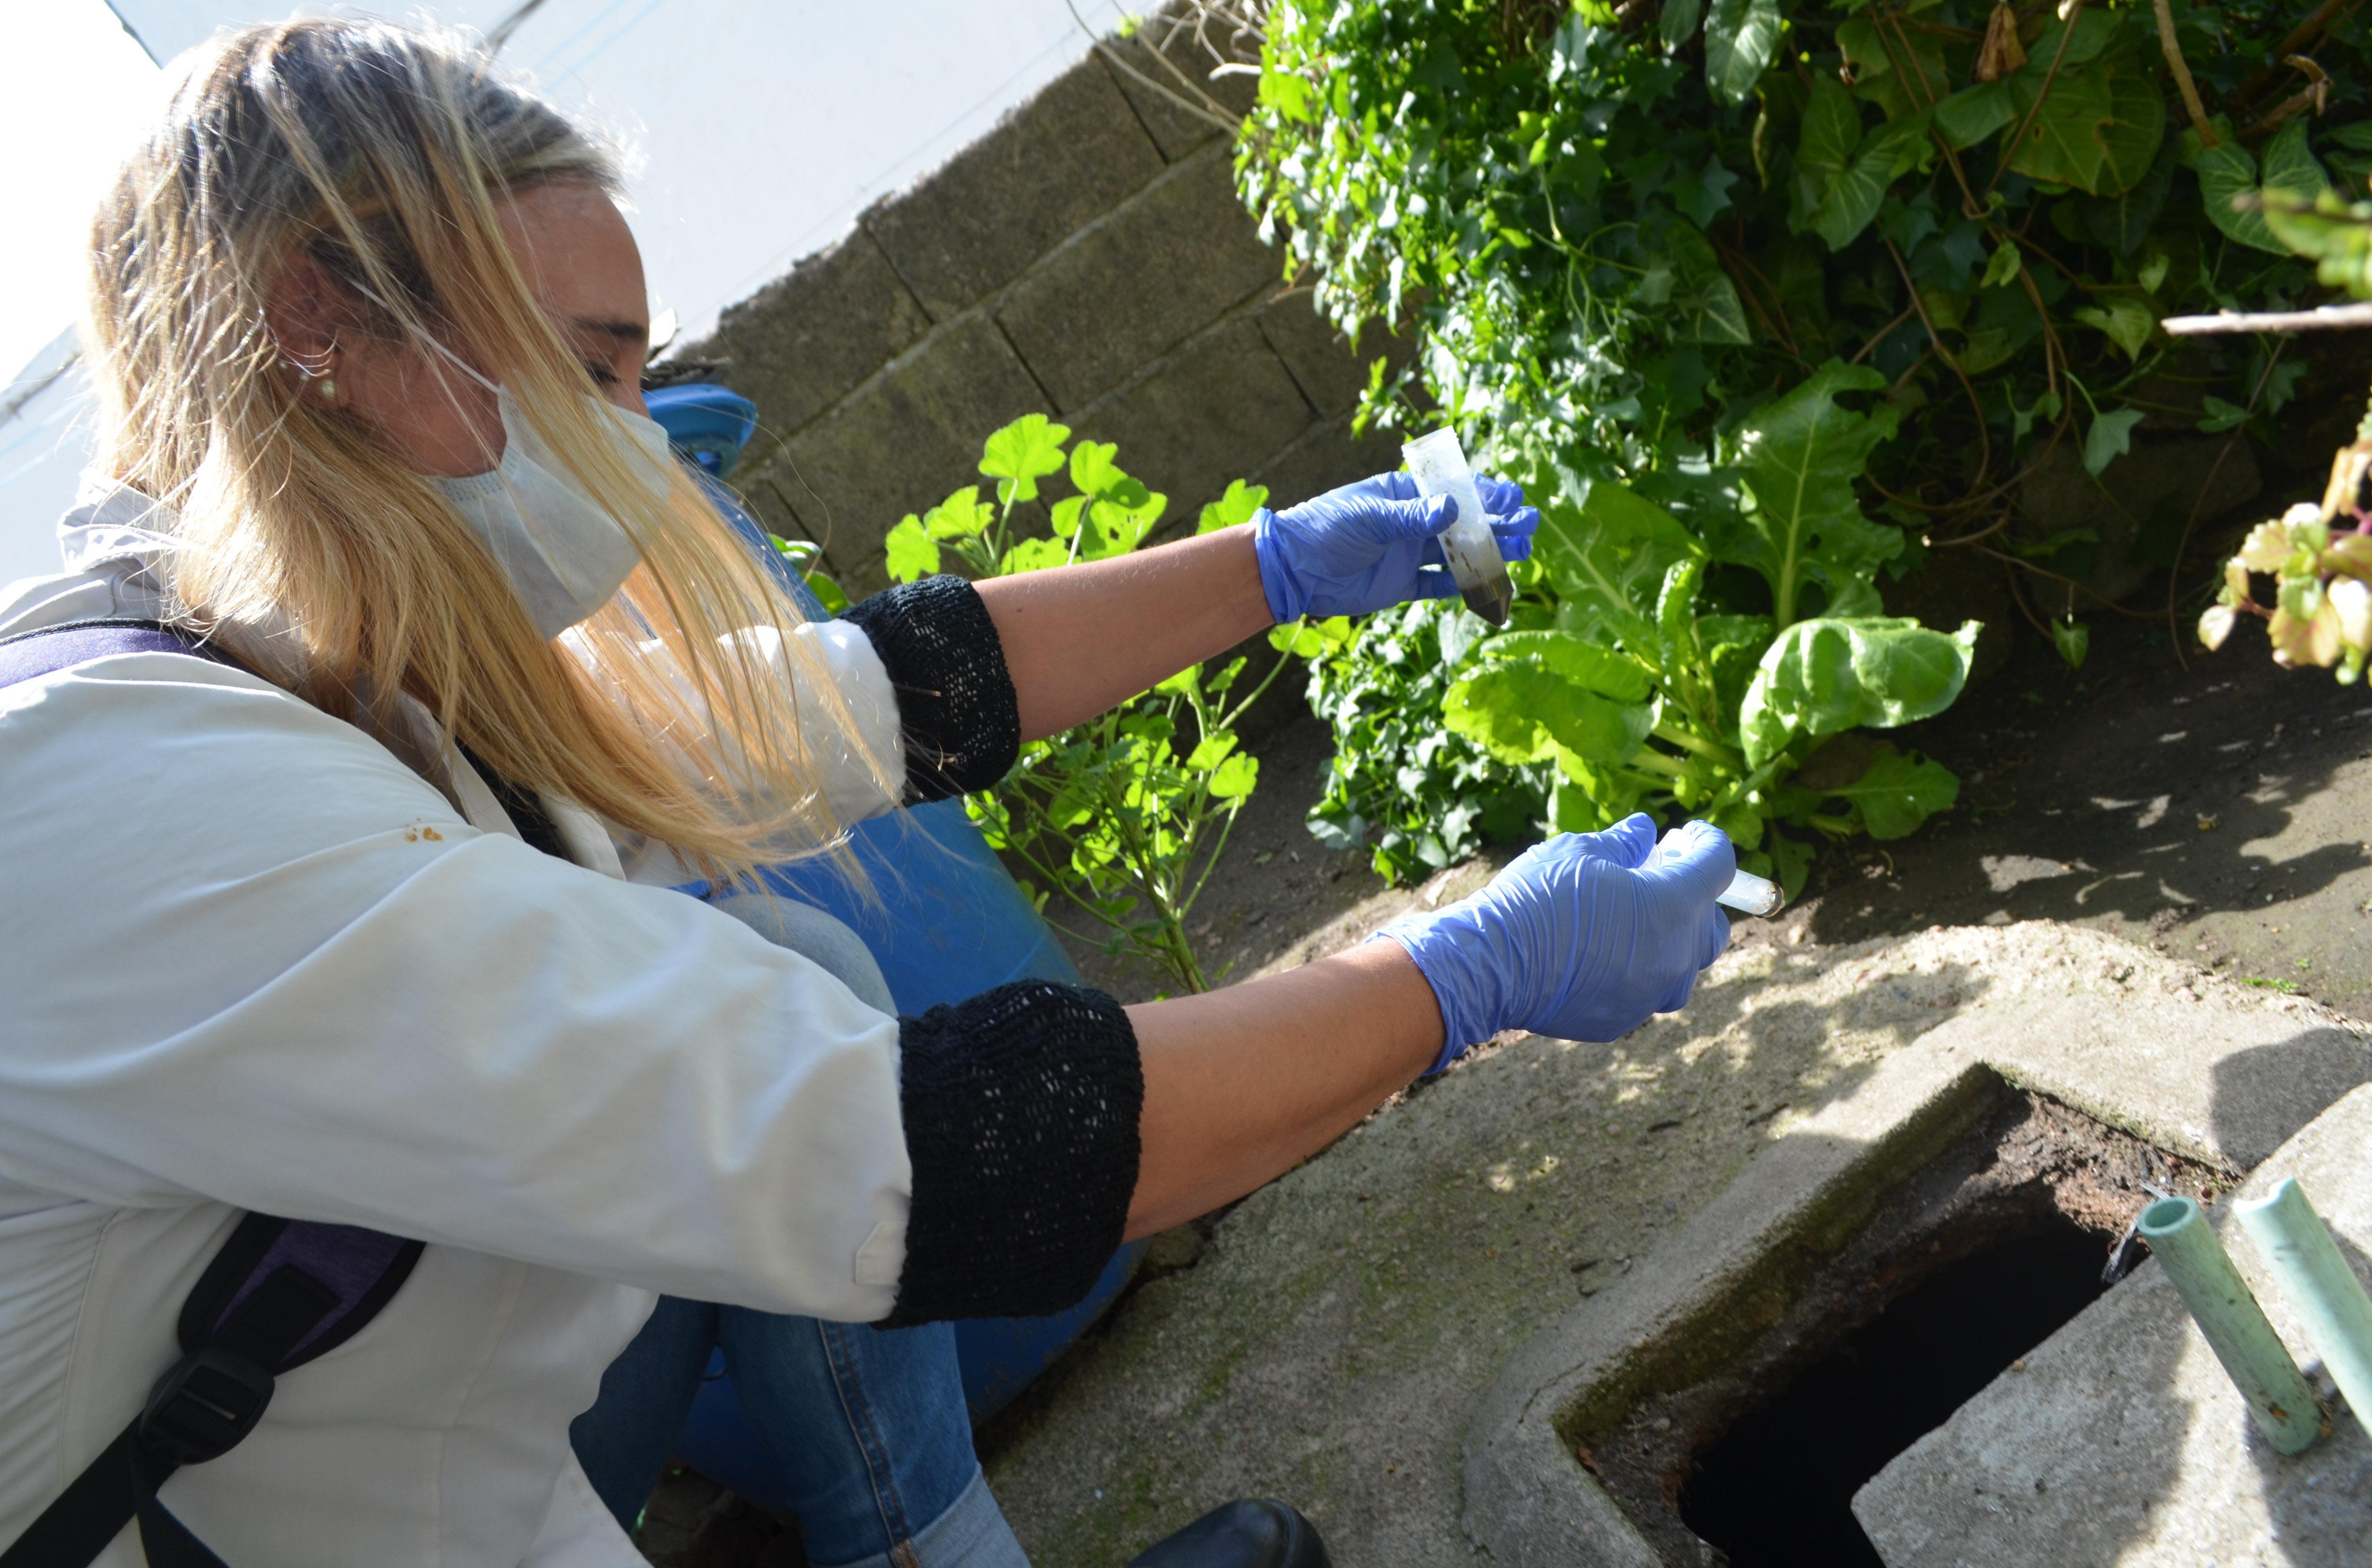 Maestra integrante del proyecto Entre bichitos echando los Microorganismos Eficientes Nativos en una cámara séptica